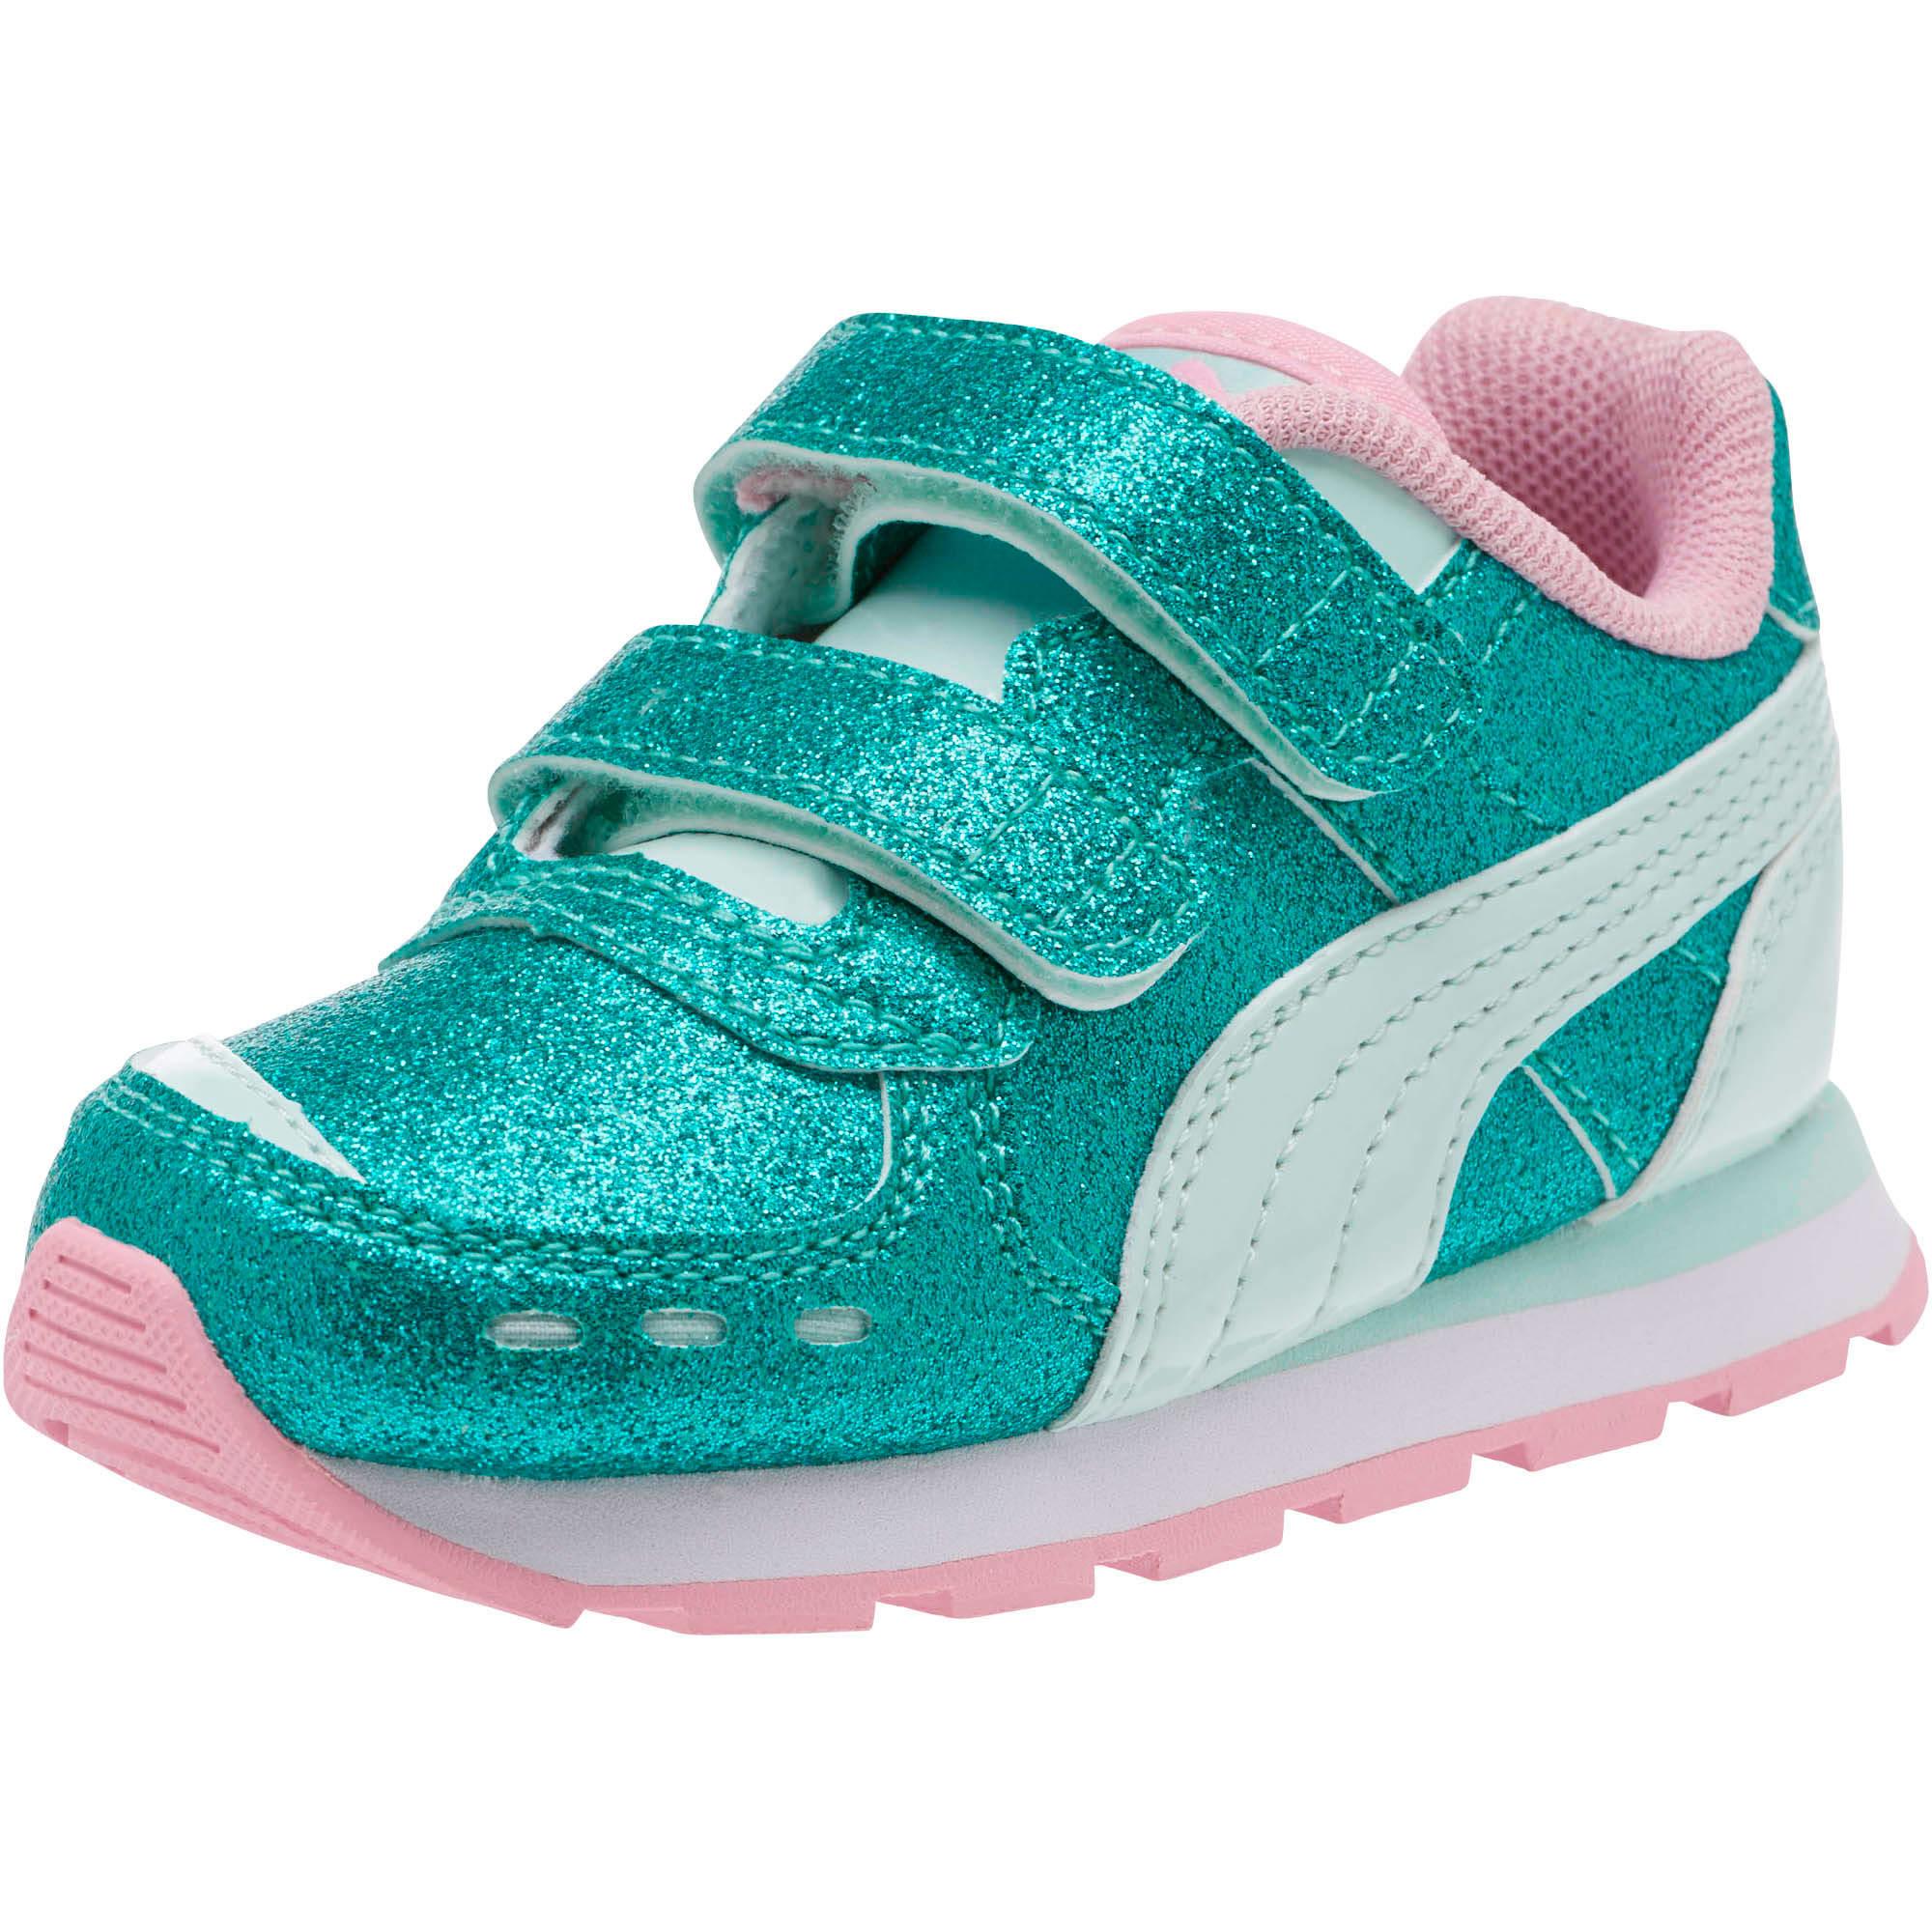 Miniatura 1 de Zapatos Vista Glitz para bebés, Fair Aqua-Pale Pink, mediano